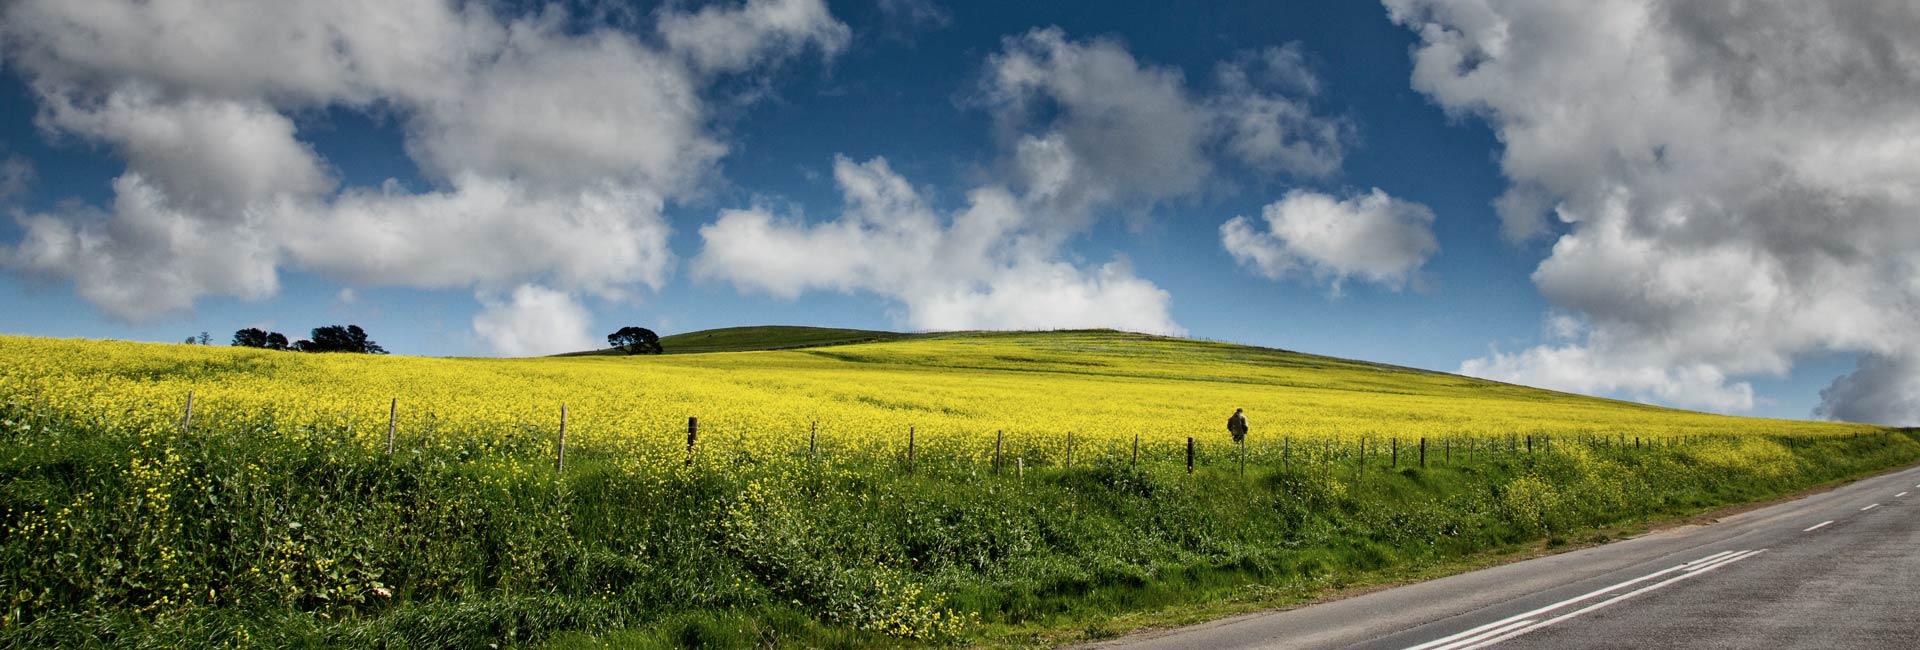 darling-romery-landscape